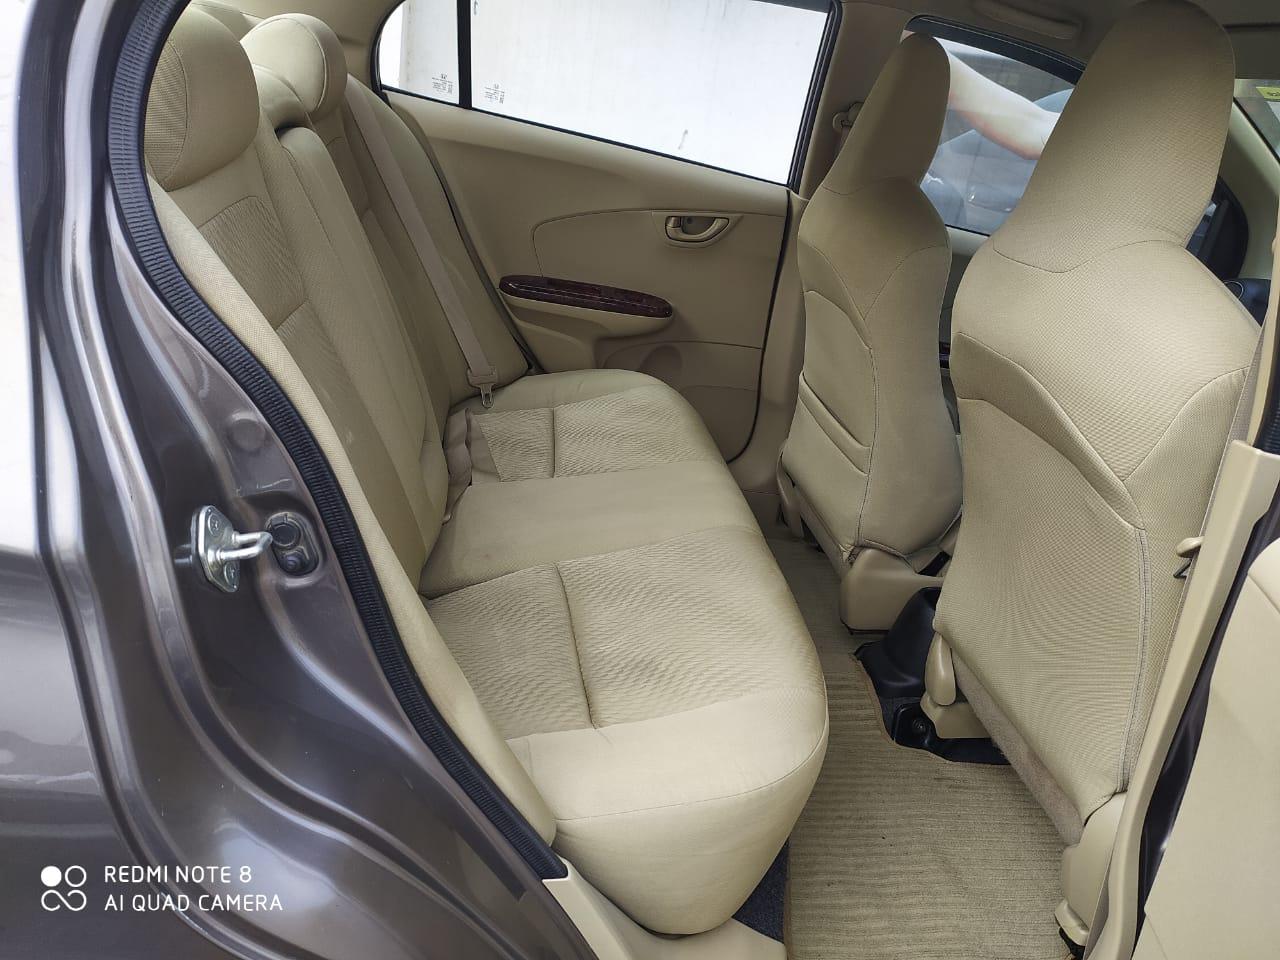 2014 Used Honda Amaze 1.2 SMT I VTEC